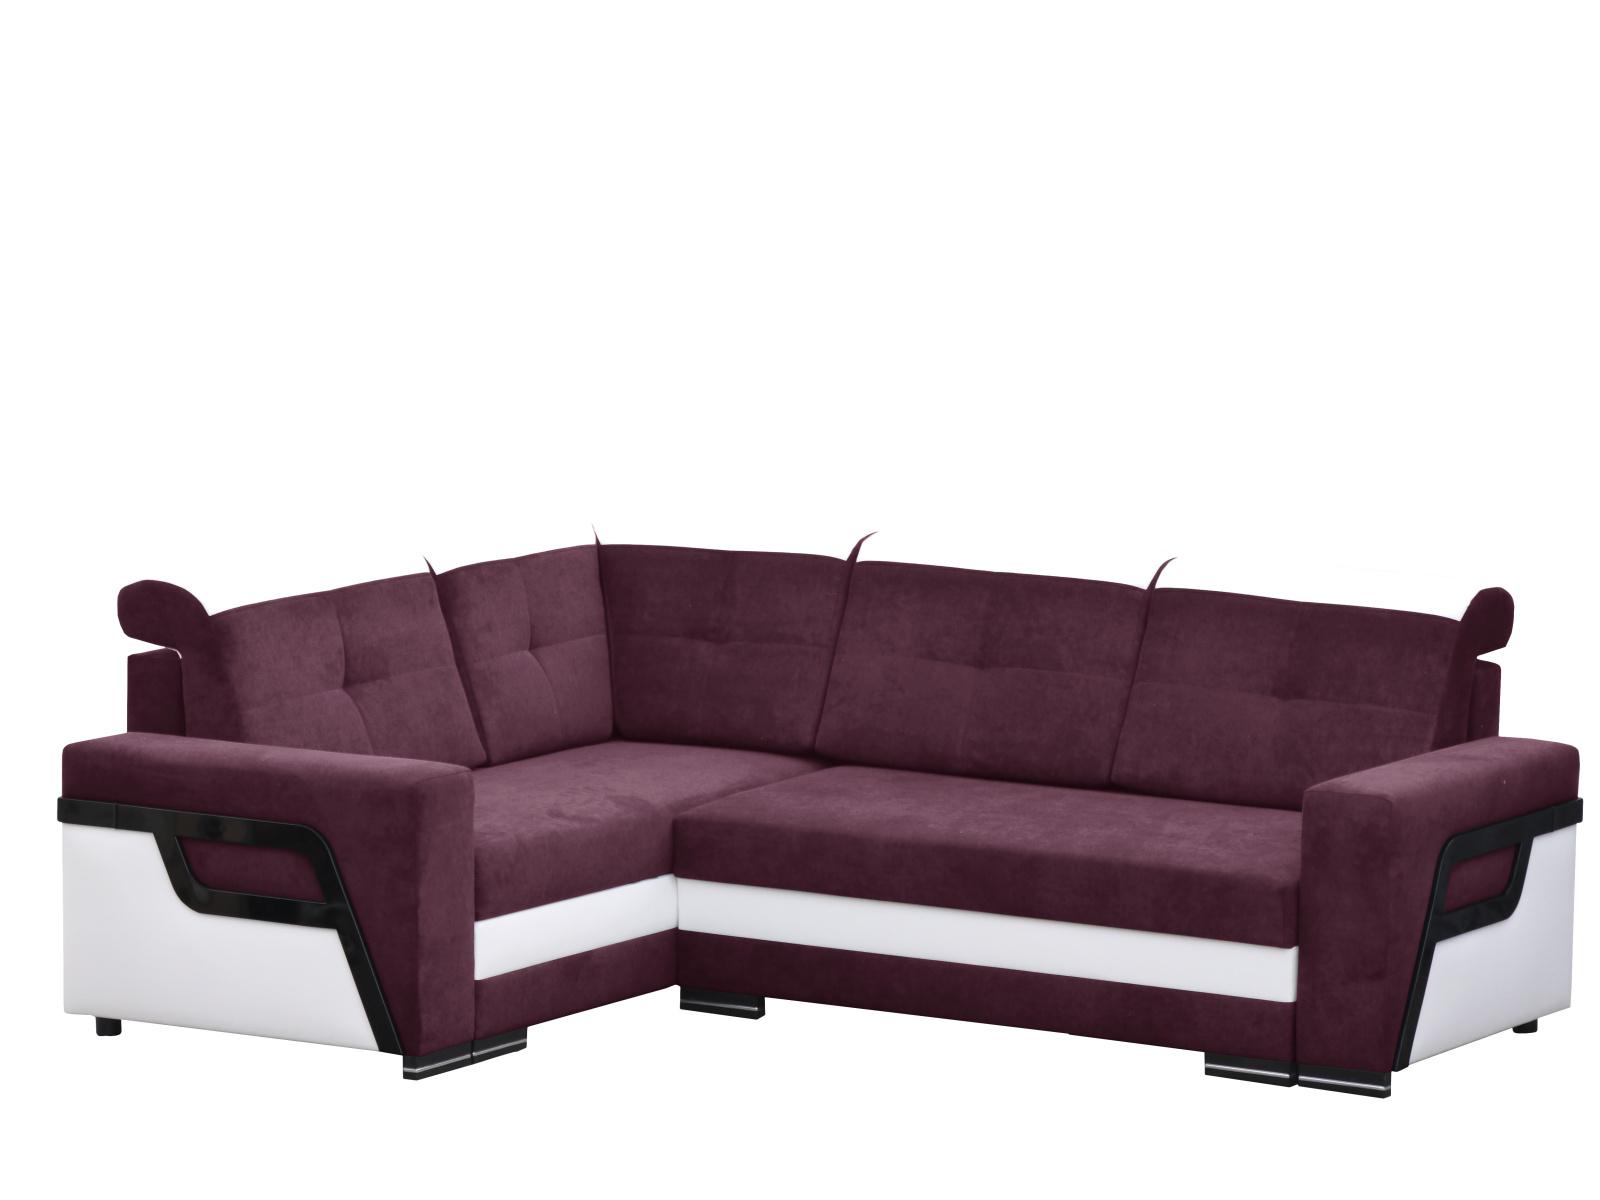 Smartshop Rozkládací rohová sedačka LOFT 3 levá, fialová látka/bílá ekokůže